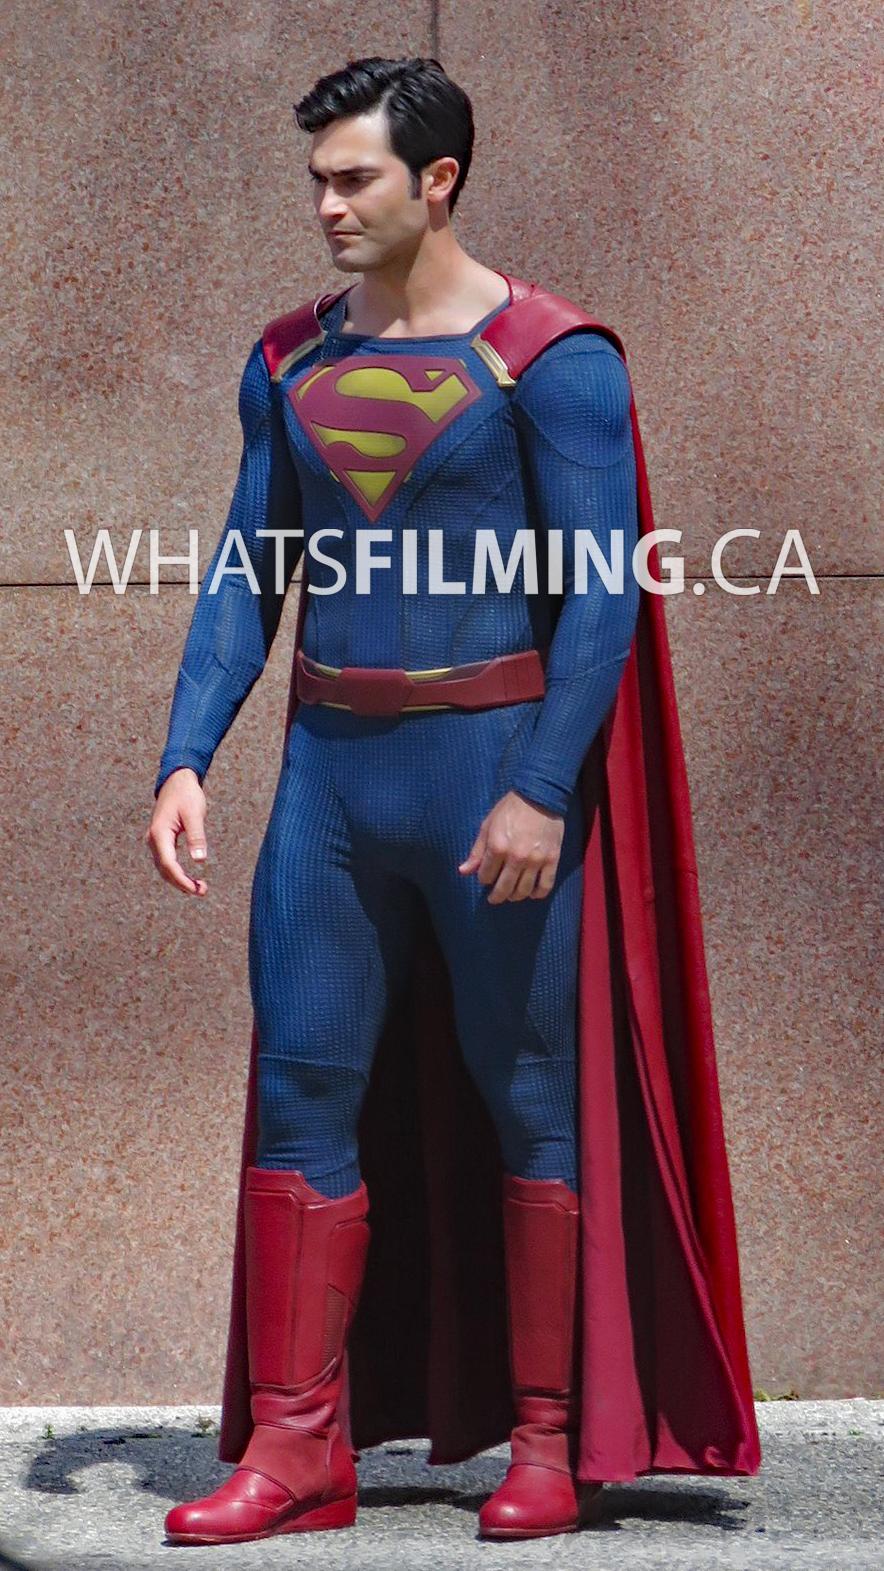 Tyler Hoechlin as Clark Kent & Superman For Supergirl Season 2